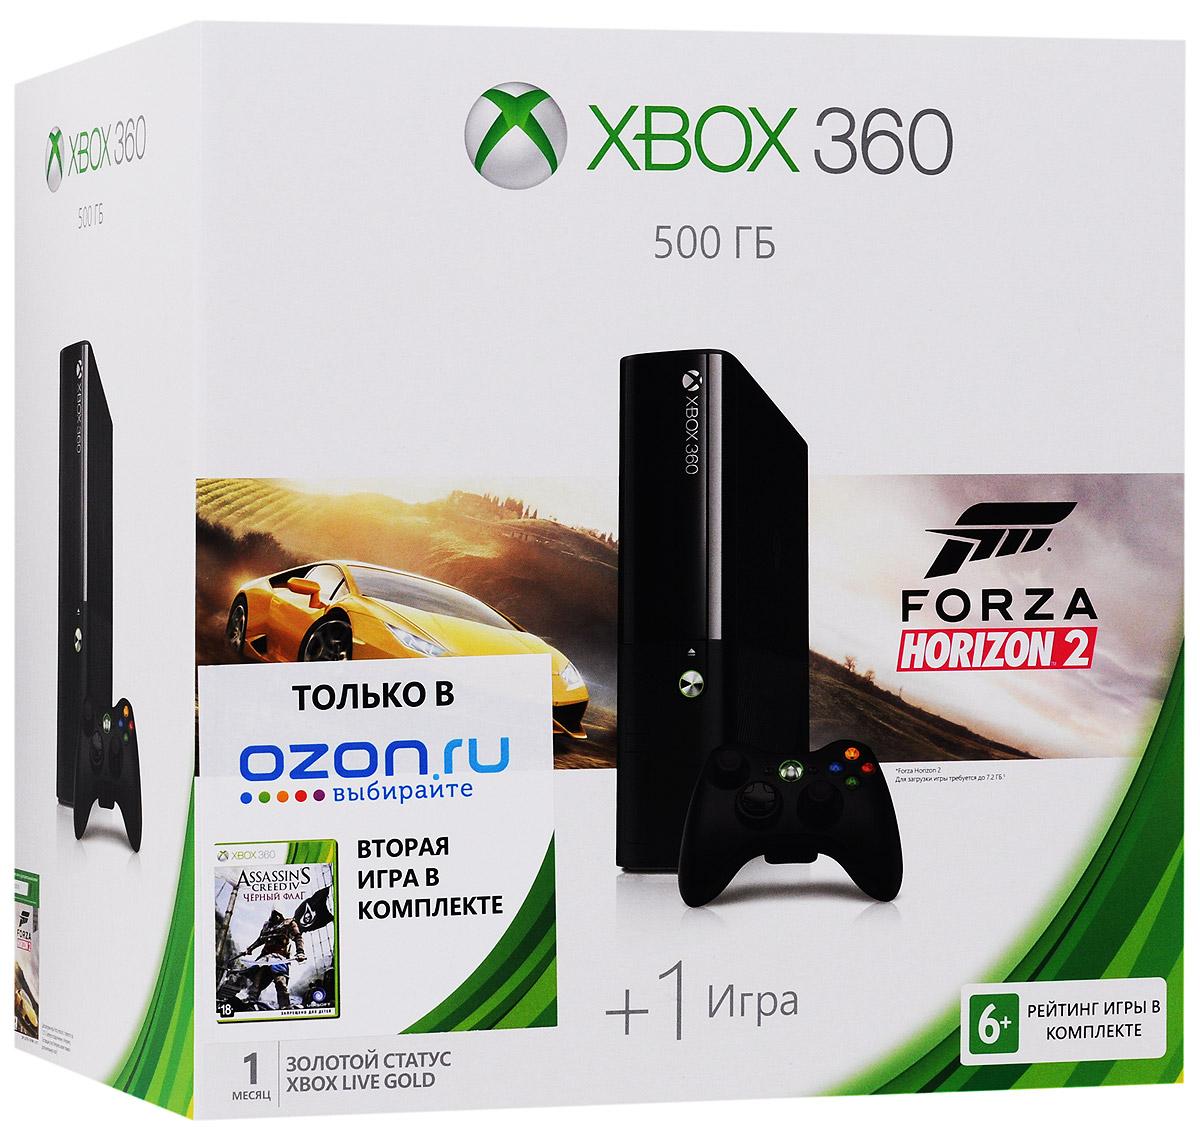 Игровая приставка Microsoft Xbox 360 (500 ГБ) + Forza Horizon 2 + Assassins Creed 4: Черный флаг3M4-00043Совершенно новая консоль Microsoft Xbox 360E в матово-глянцевом корпусе станет проводником в мир самых современных цифровых развлечений. Благодаря встроенному адаптеру Wi-Fi консоль легко подключить к Xbox Live - целому миру развлечений, где HD-фильмы и телепрограммы передаются мгновенно. Xbox 360 приносит больше игр, развлечений и радости. Новый внешний вид и материал для приведения к единому стилю с семейством Xbox One Меньший размер/форм-фактор Переход на стандартный 3.5 мм разъем (jack) Игра Forza Horizon 2 позволяет вам принимать участие в гоночных заездах в огромном открытом мире, где меняются погодные условия и день сменяет ночь. Вы можете объединяться с друзьями и исследовать живописные и экзотические локации, выбрав один из более чем 200 лучших автомобилей мира. Путешествуйте вместе с друзьями по безграничному миру игры Forza Horizon 2, где царят скорость, стиль и азарт гонок. Вас ждут поездки в самые красивые и...